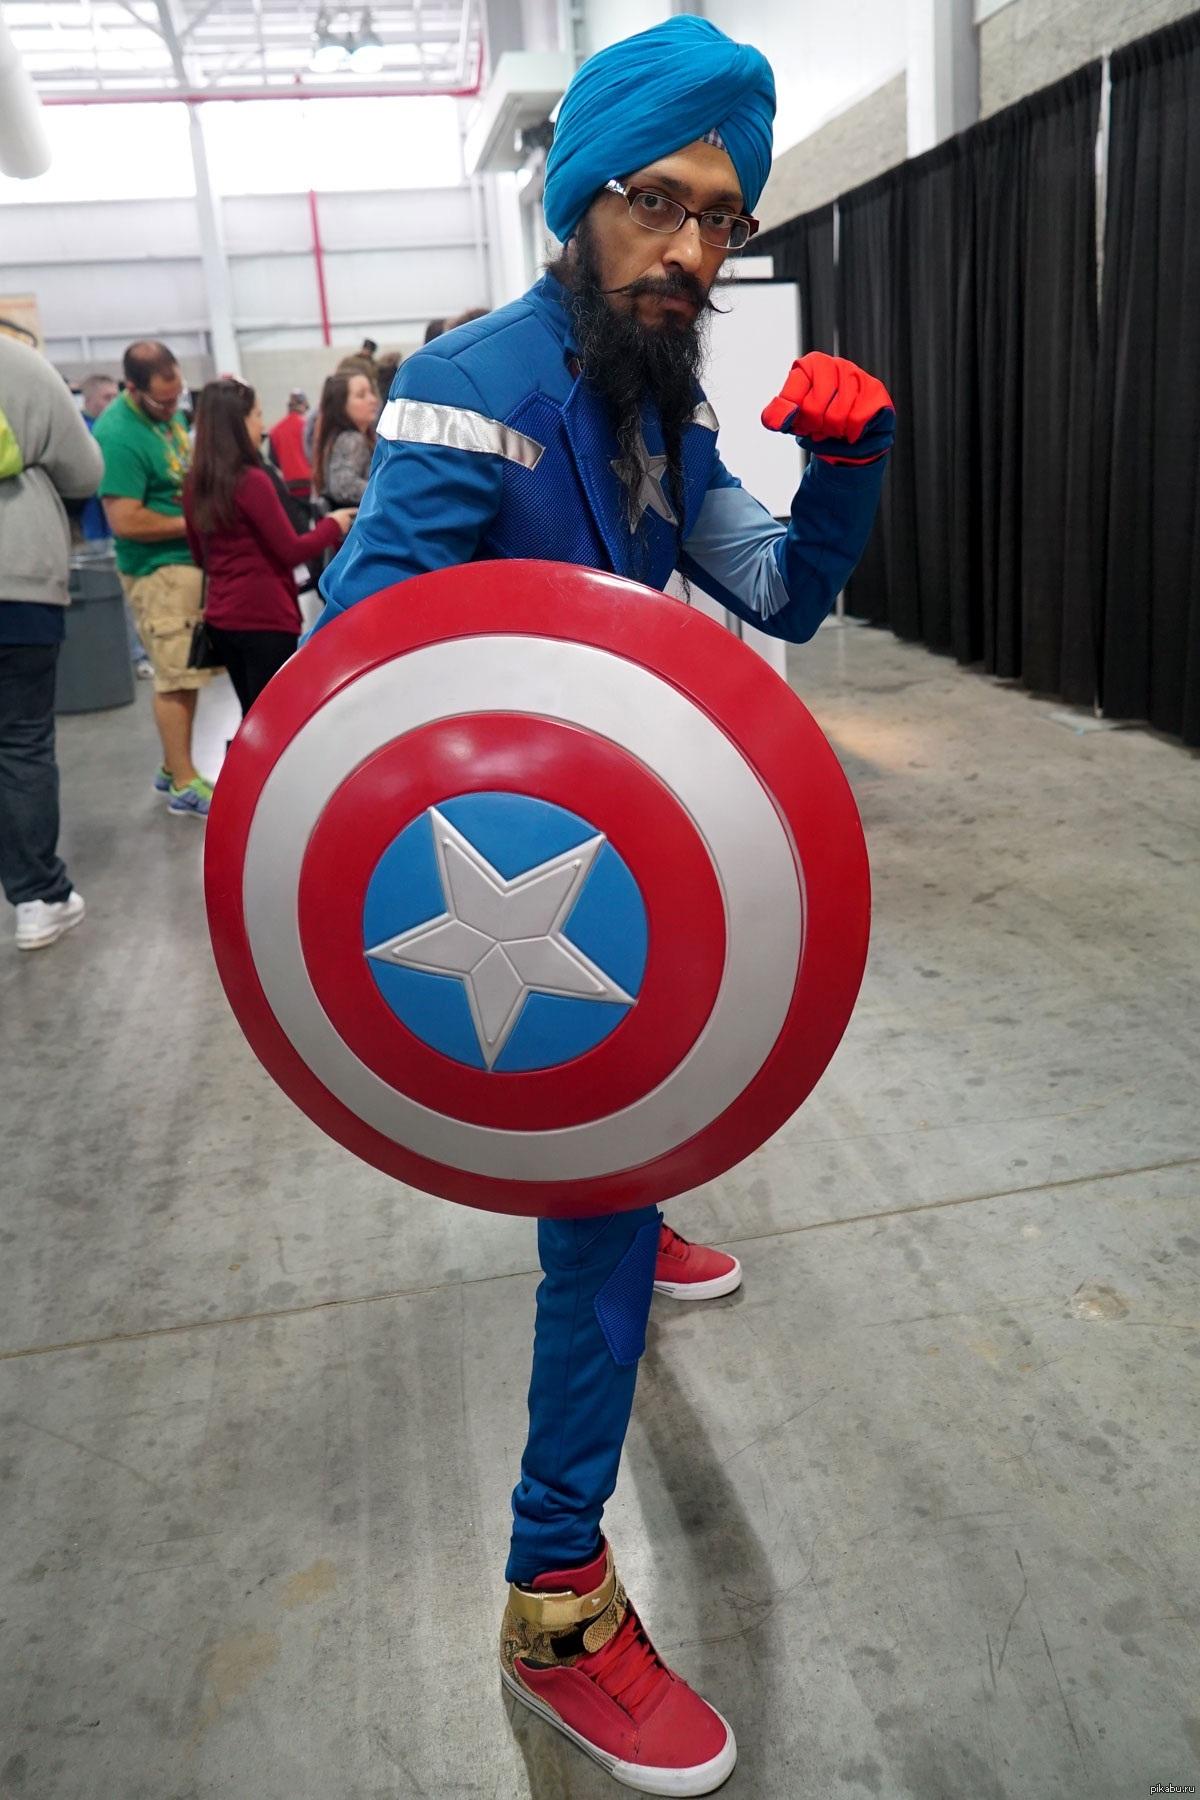 смешные картинки с капитаном америкой того, особенностью